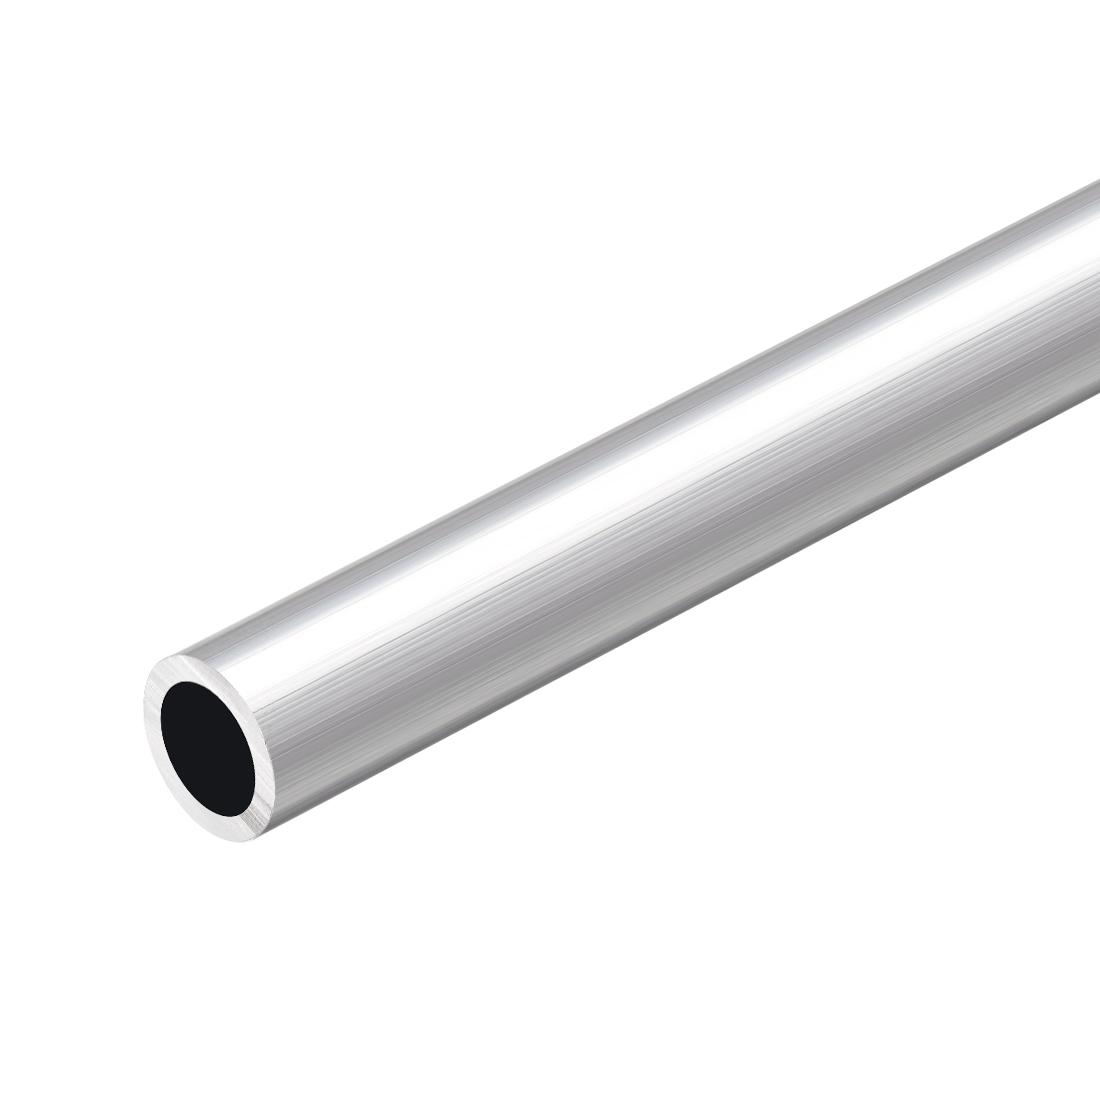 6063 Aluminum Round Tube 300mm Length 16mm OD 12mm Inner Dia Seamless Tubing